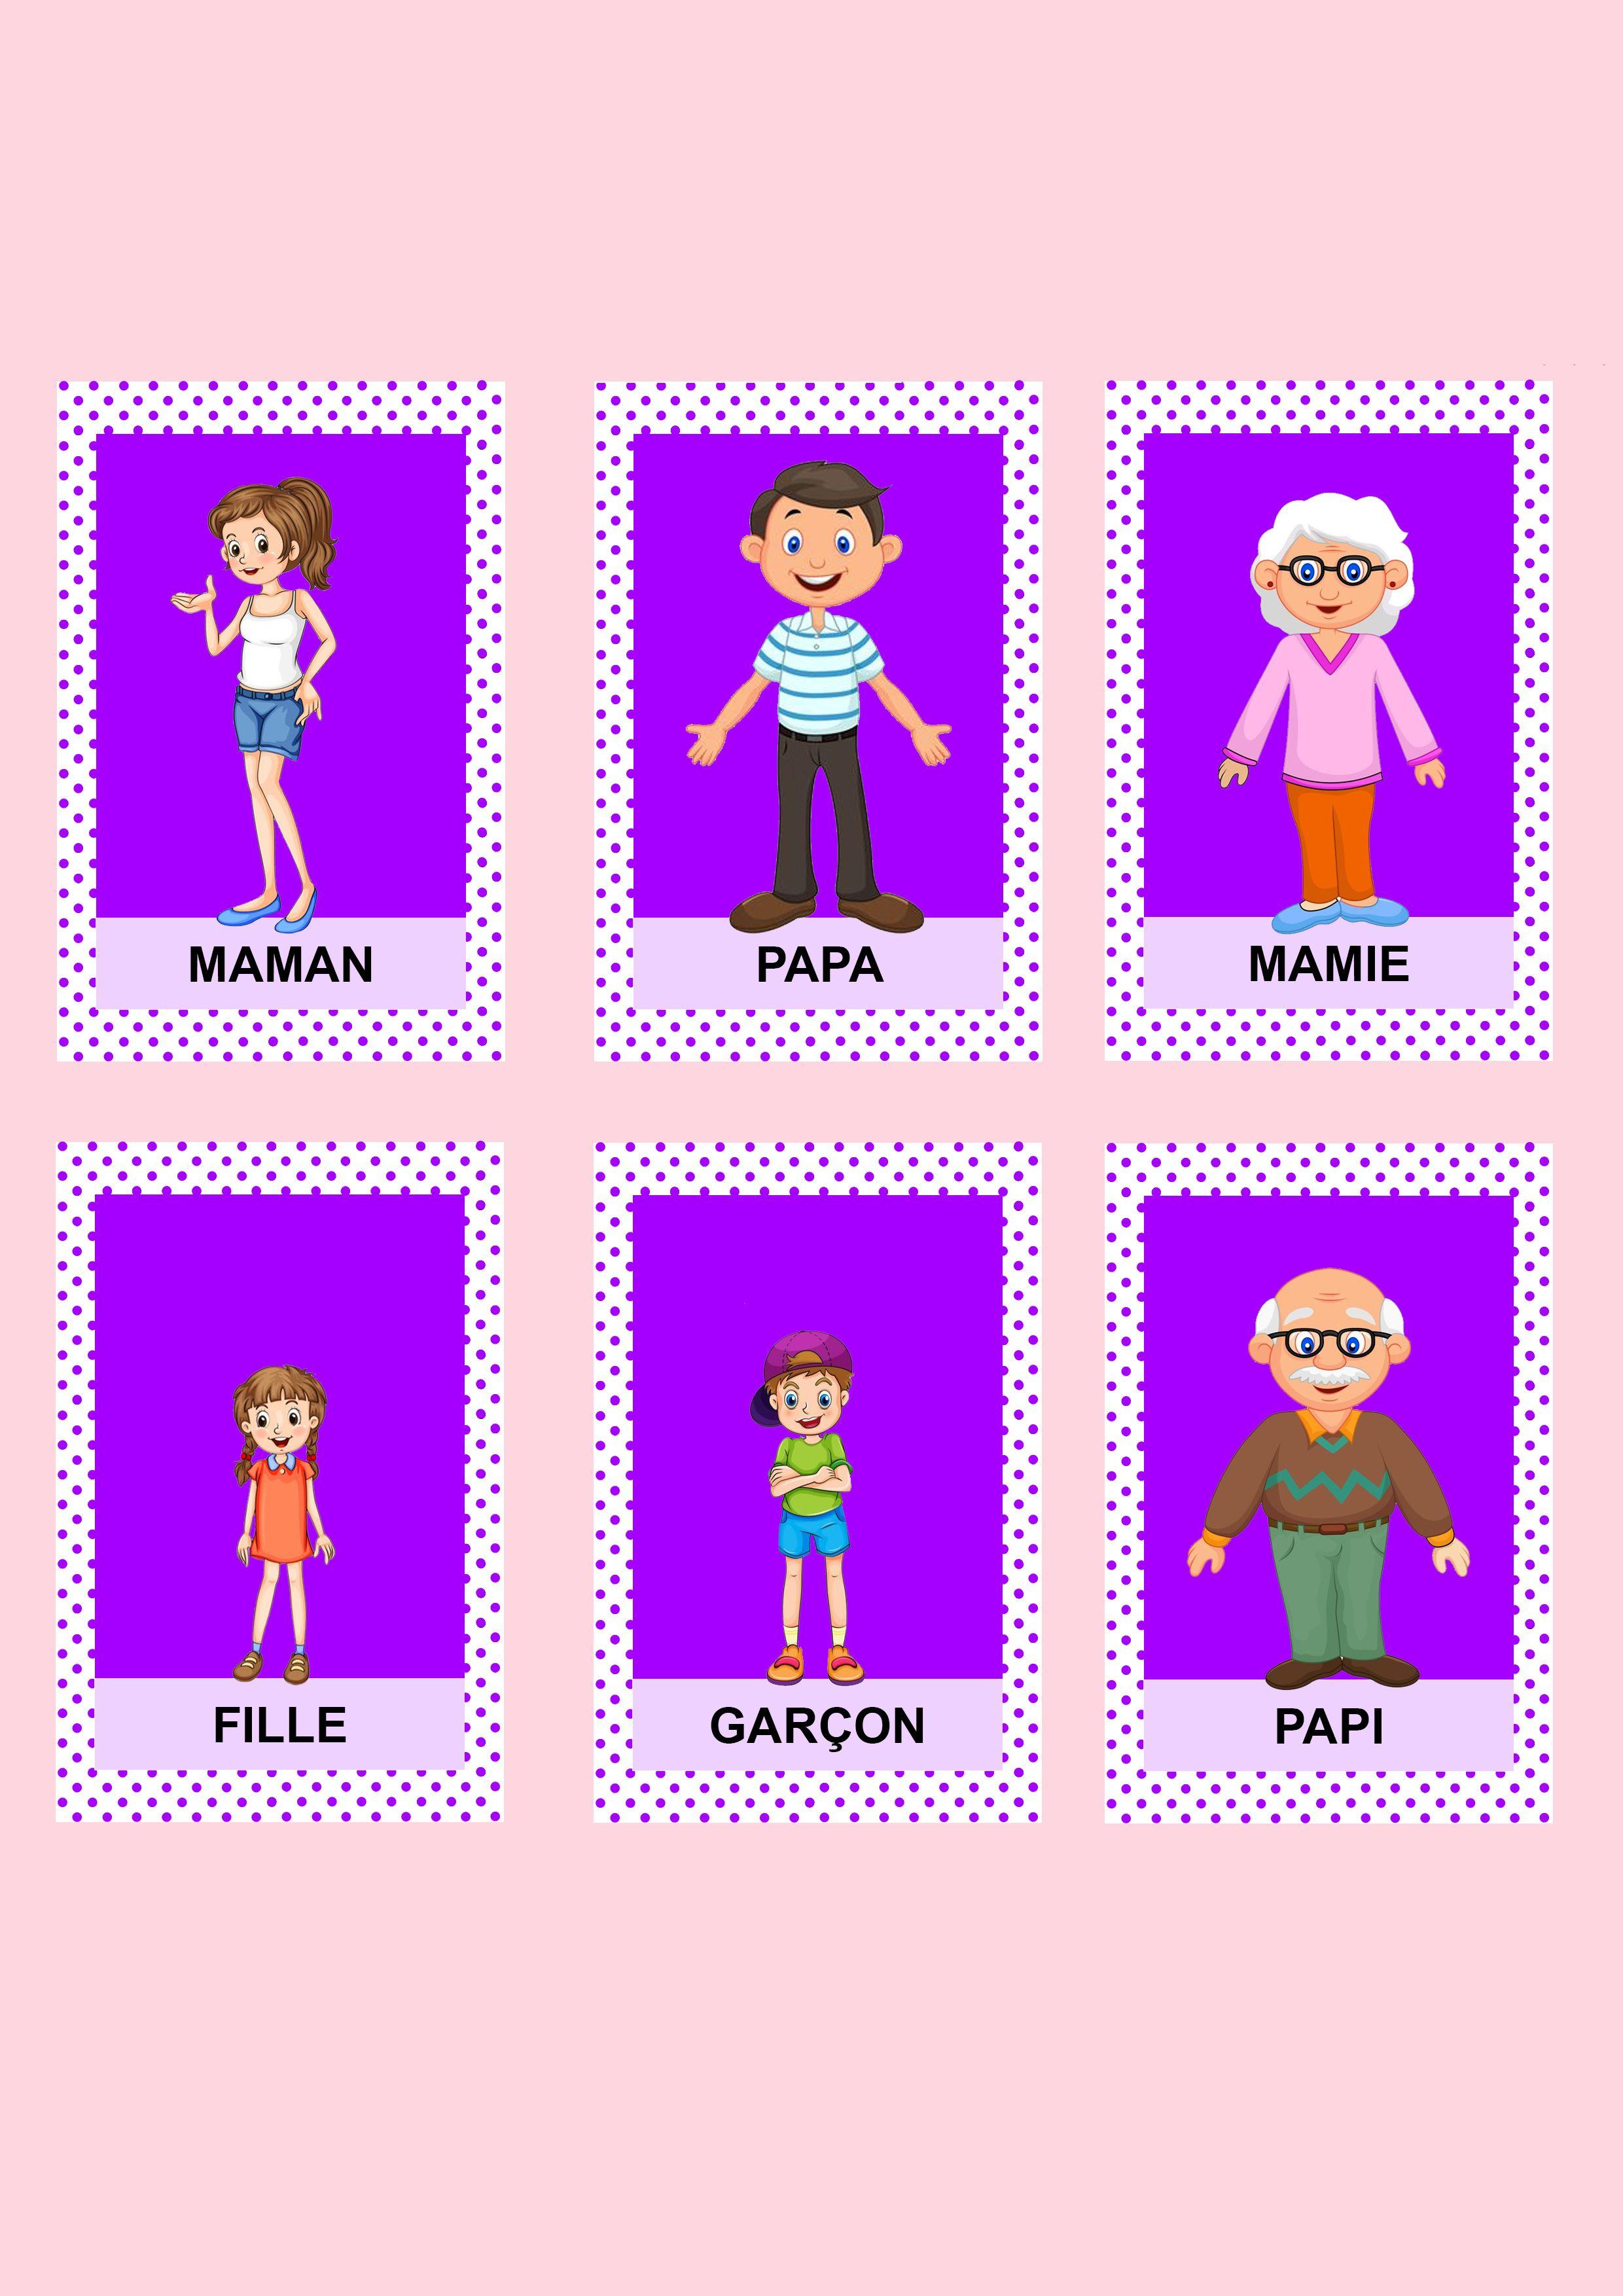 Jeu De 7 Familles Les Activites De Maman Jeux De Societe Enfant Jeux Jeux En Famille